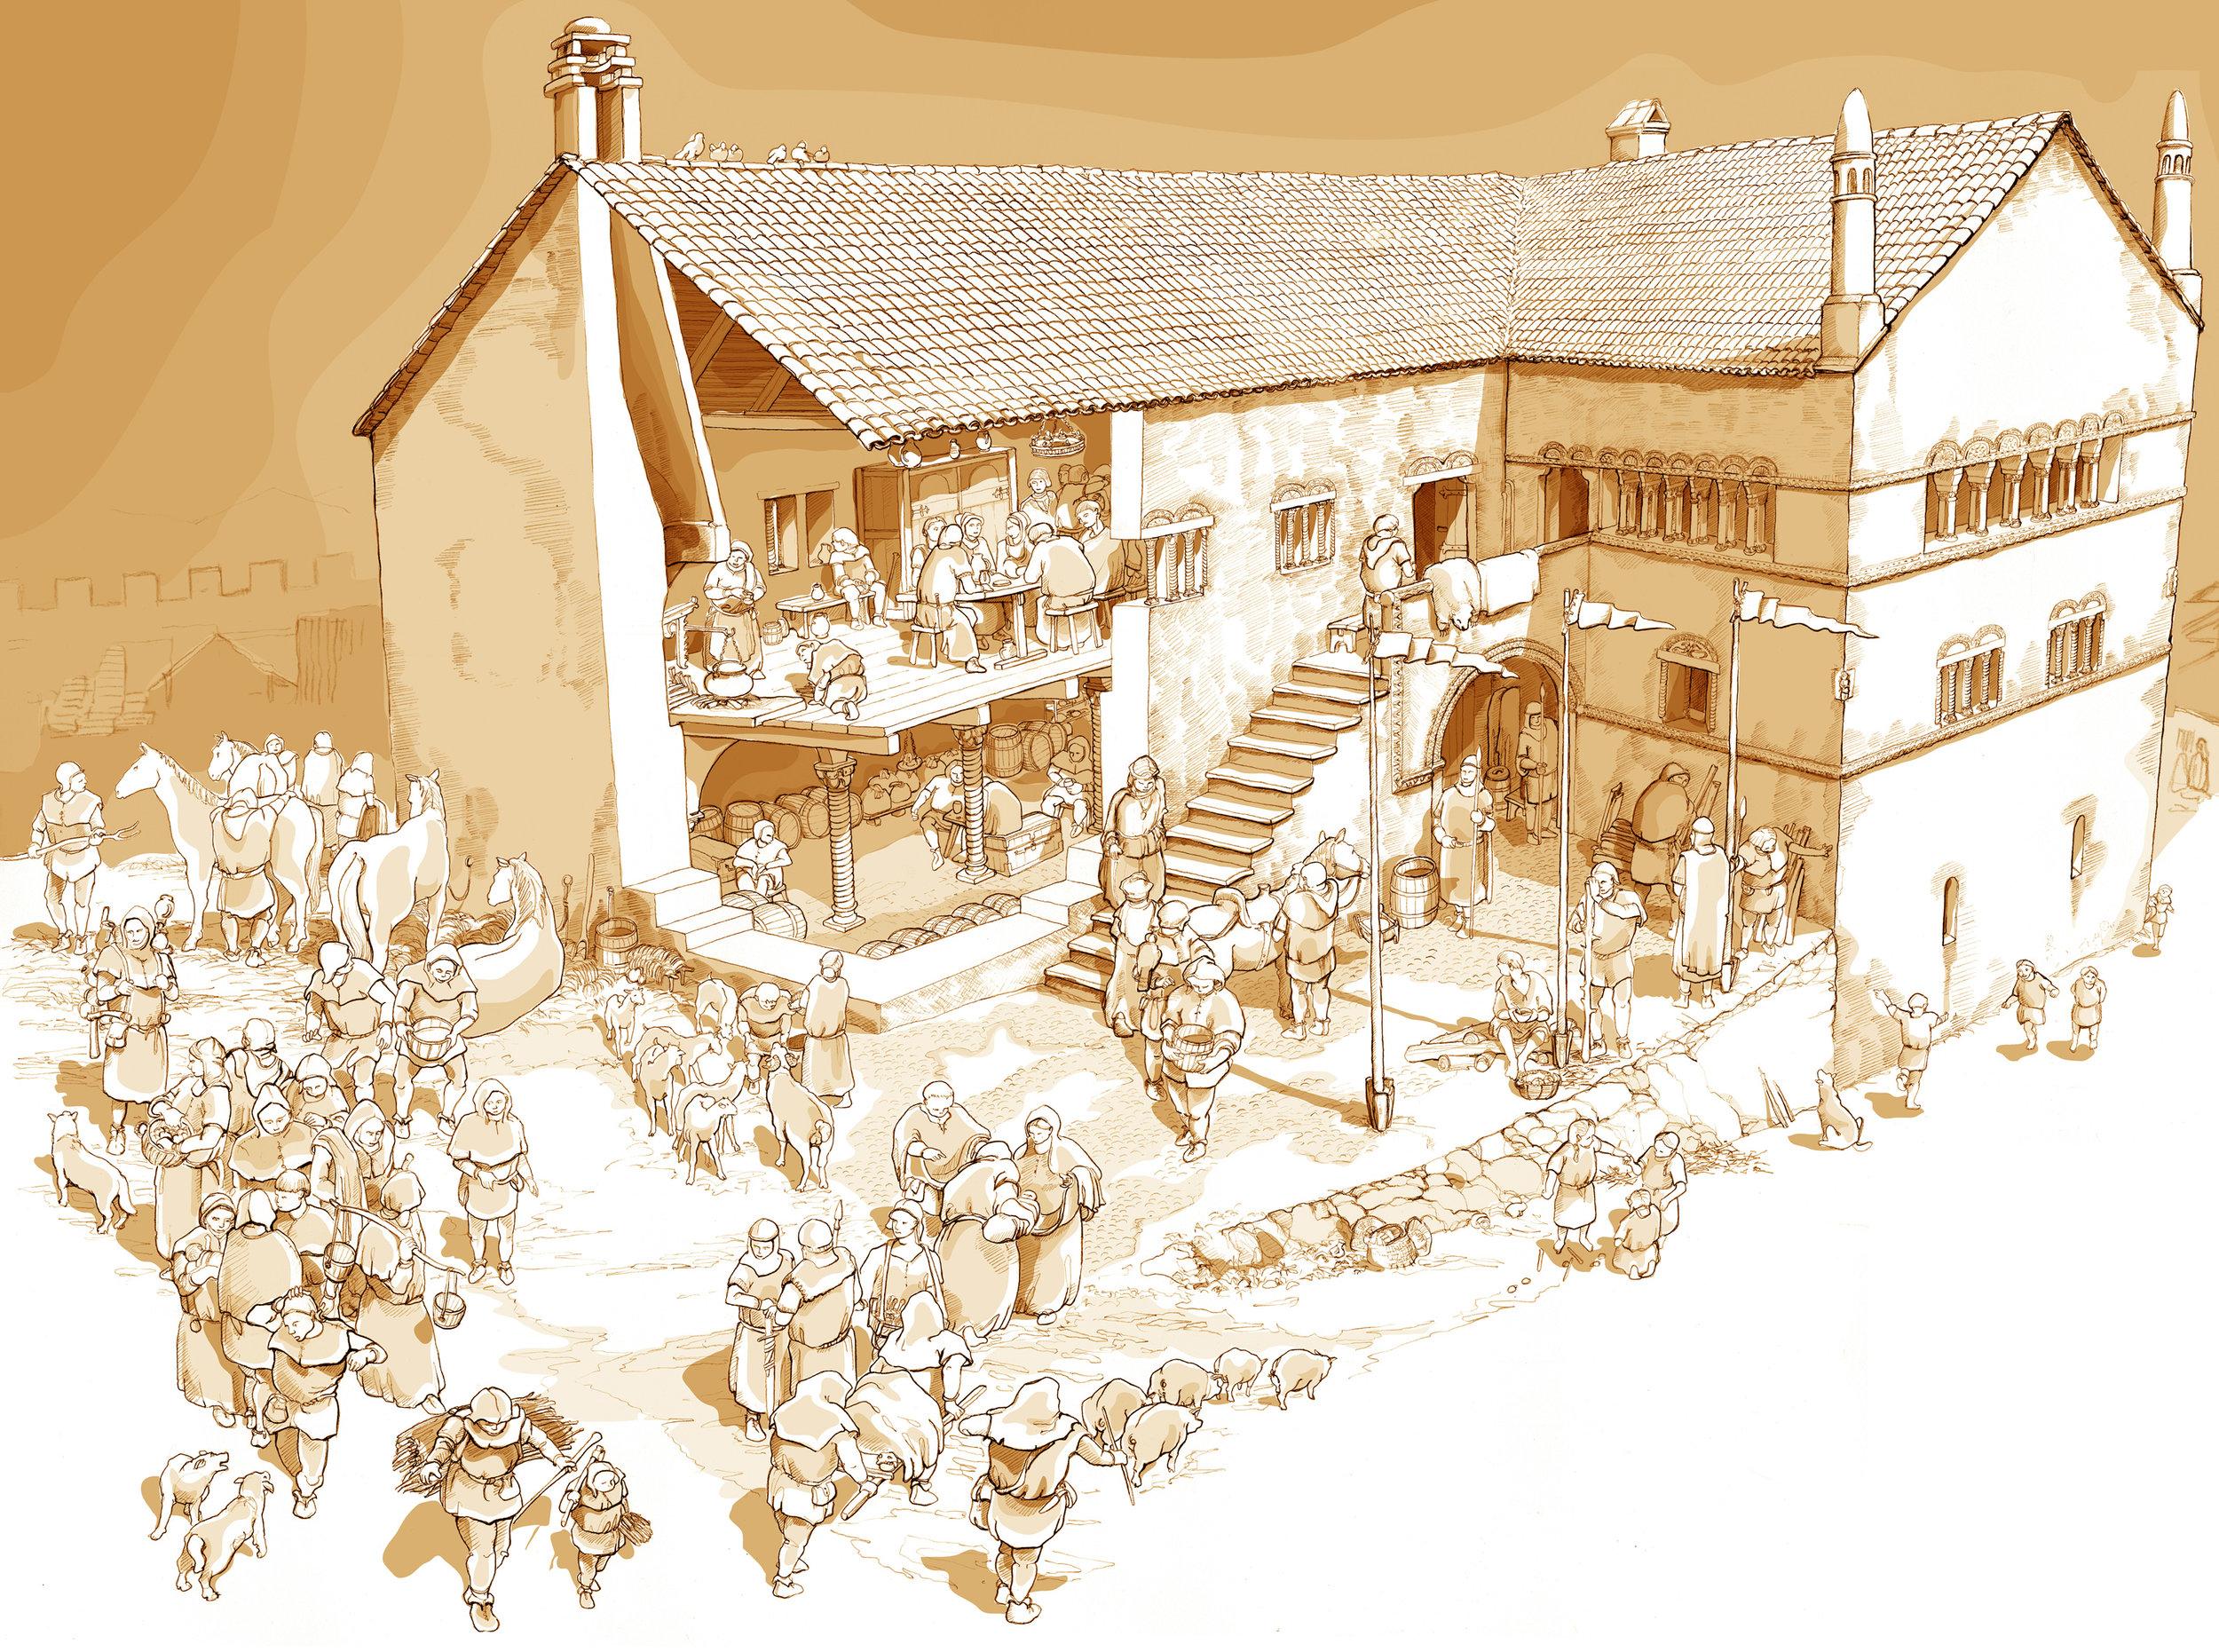 Vue de la résidence seigneuriale vers 1200, par Wilfried Trillen, dessin à la mine de plomb (2010)